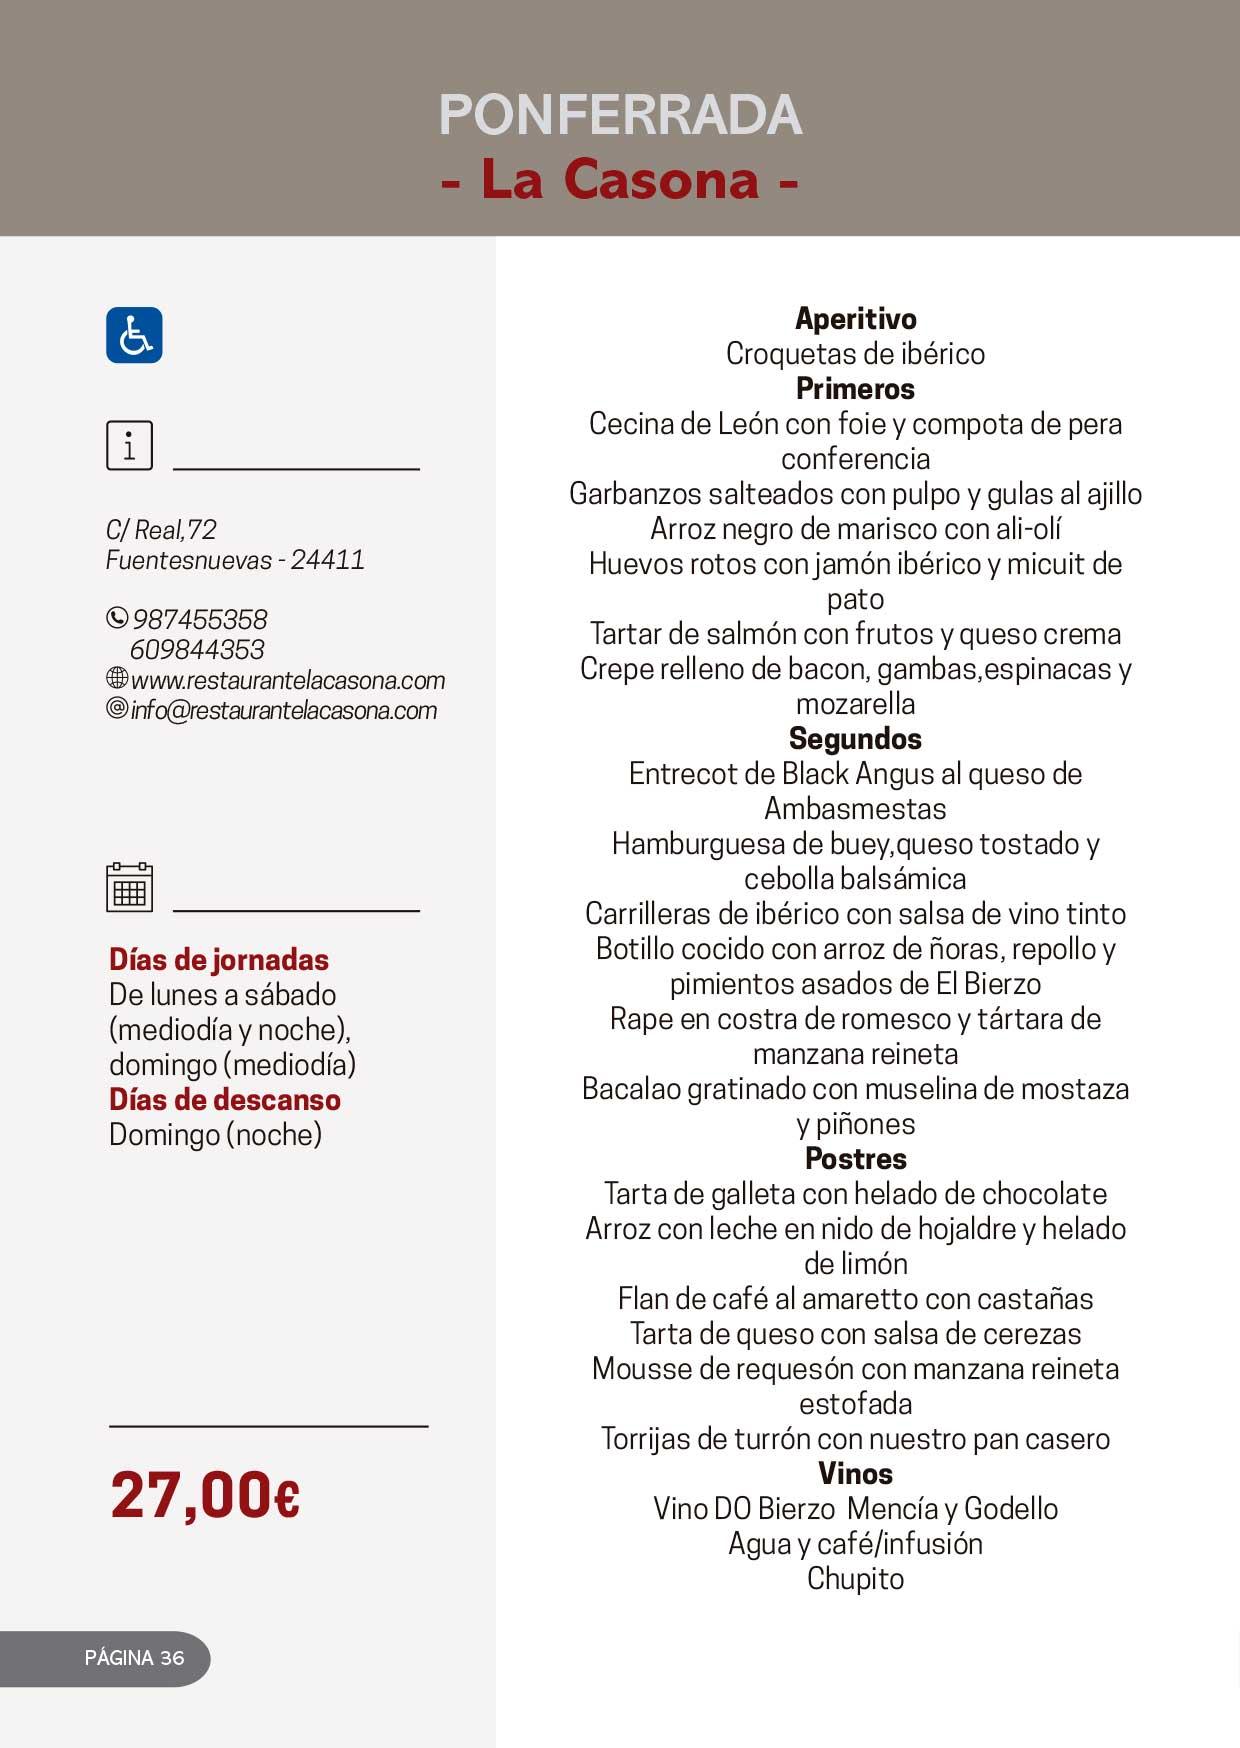 Las Jornadas Gastronómicas del Bierzo llegan a su 34 edición 19